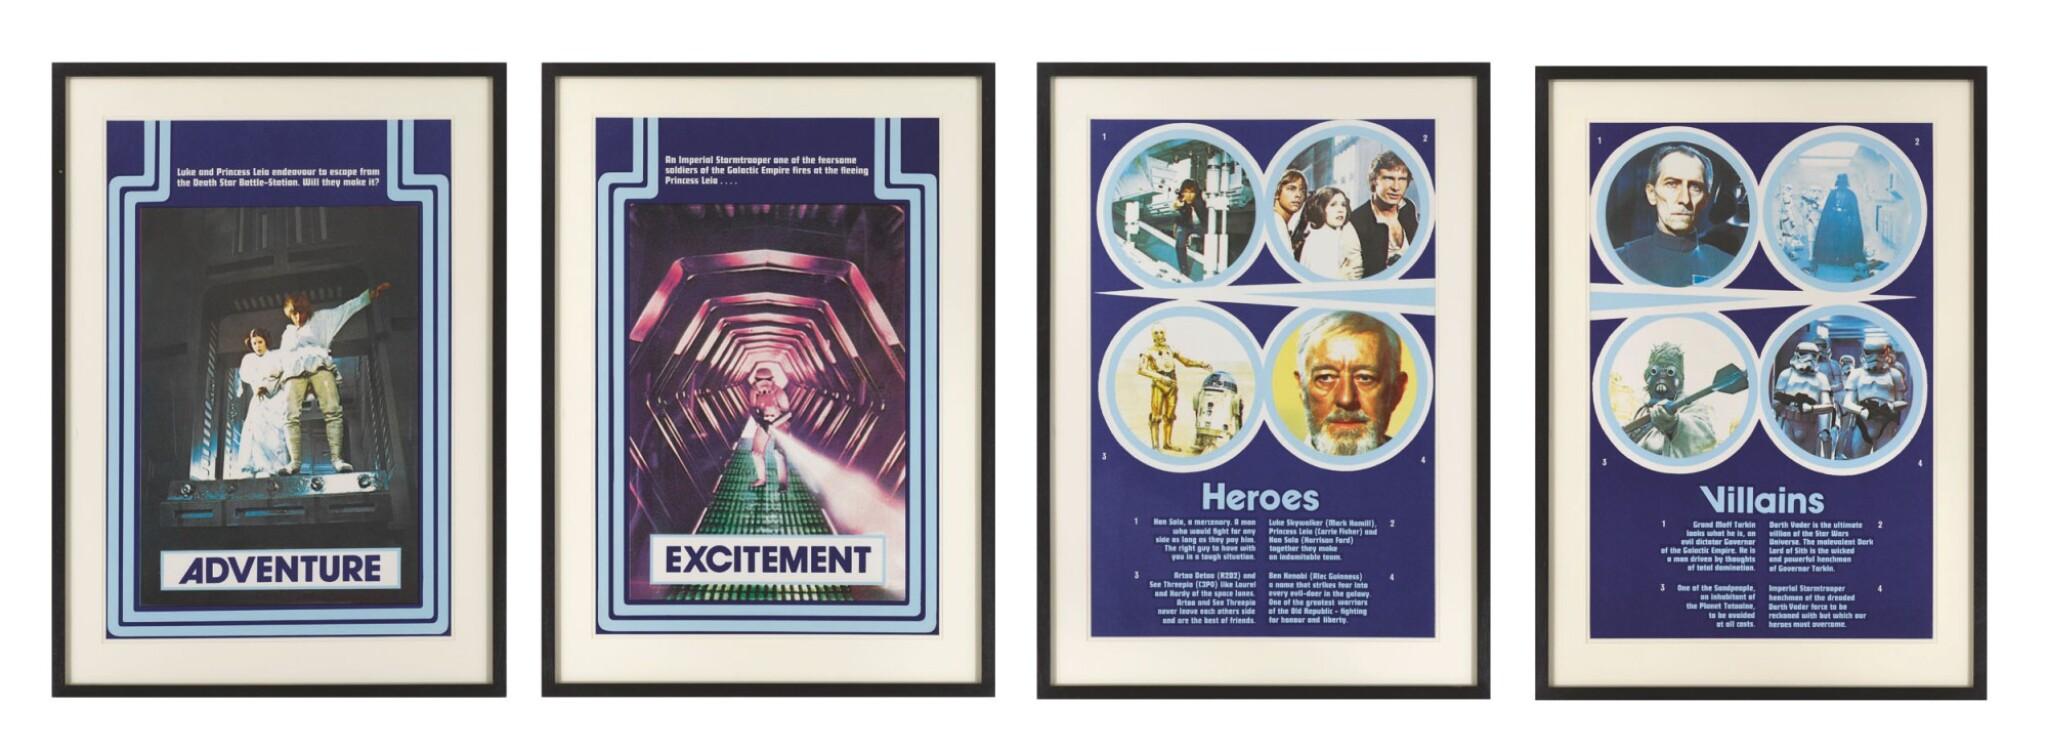 STAR WARS, SPECIAL ODEON CINEMA RELEASE POSTER, BRITISH, MARLER HALEY, 1977